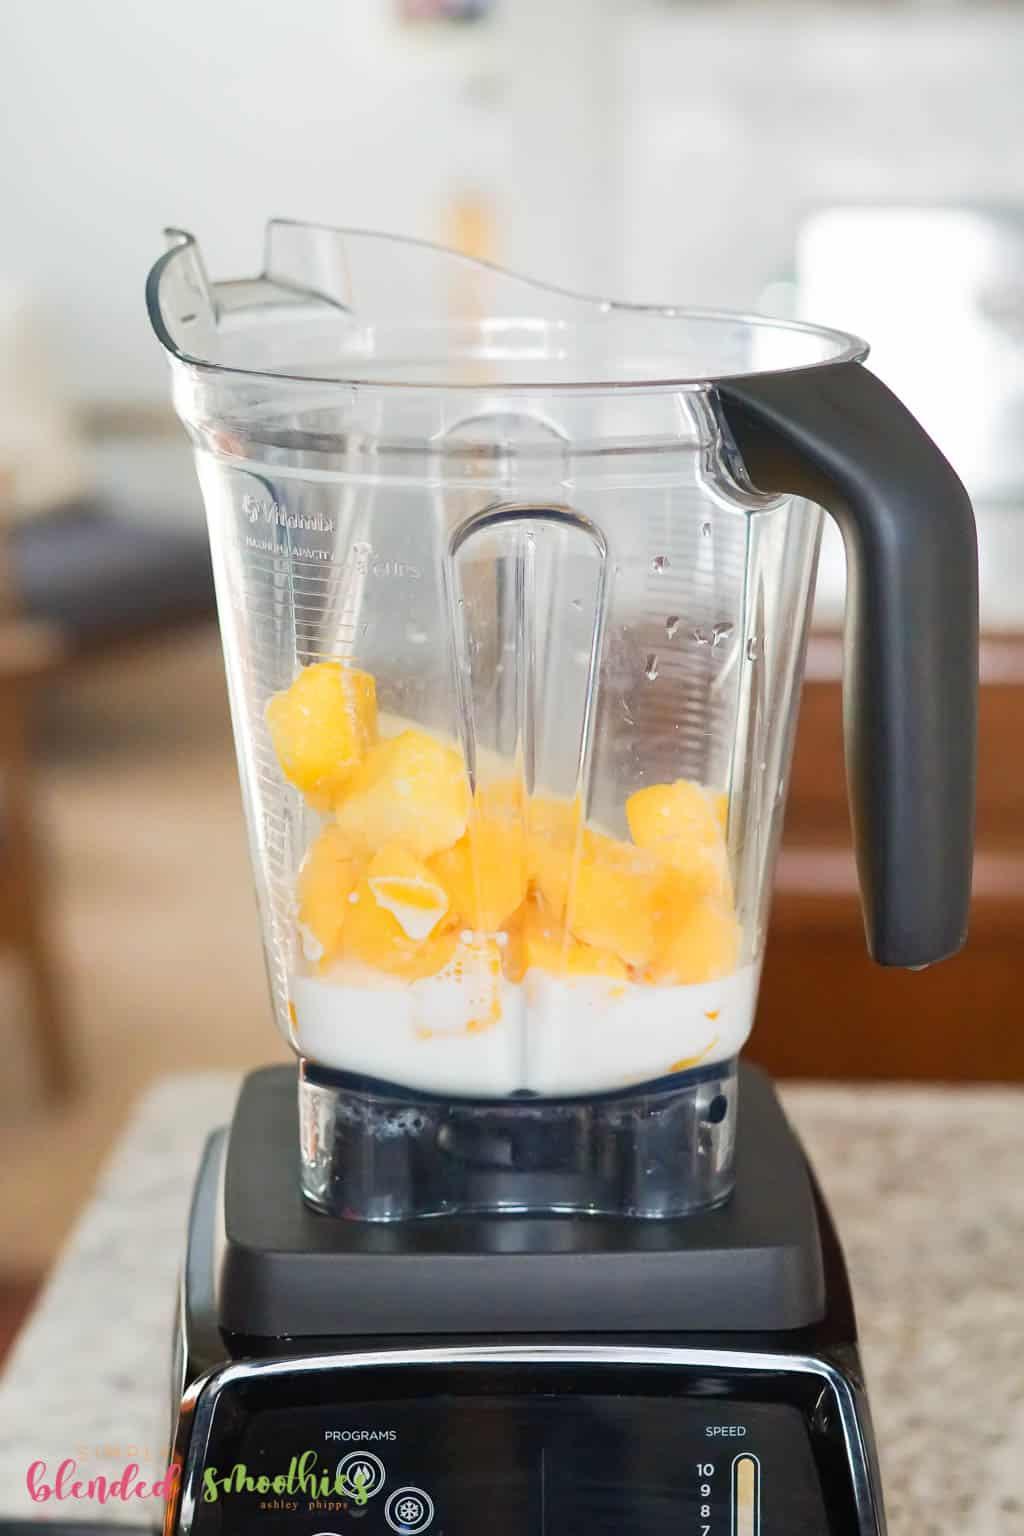 Mango Smoothie Ingredients In Blender